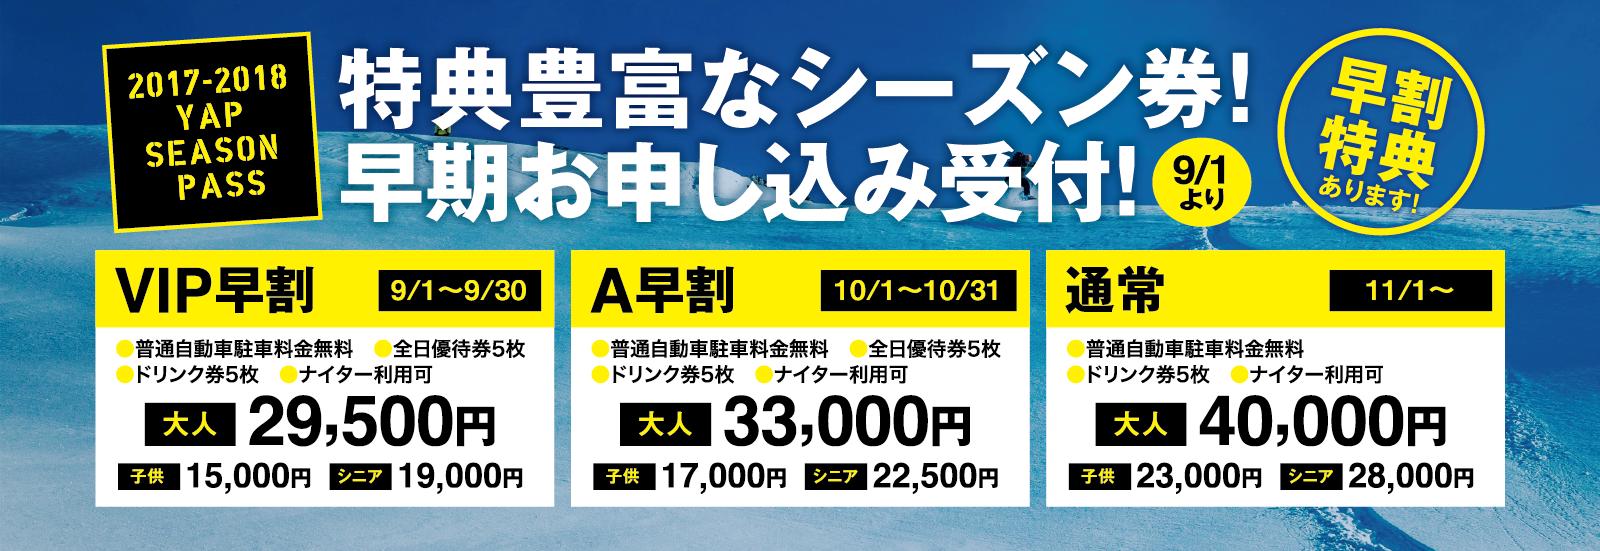 ヨゴコーゲンリゾート★ヤップ 冬の「楽しい」がグッと近くなる!